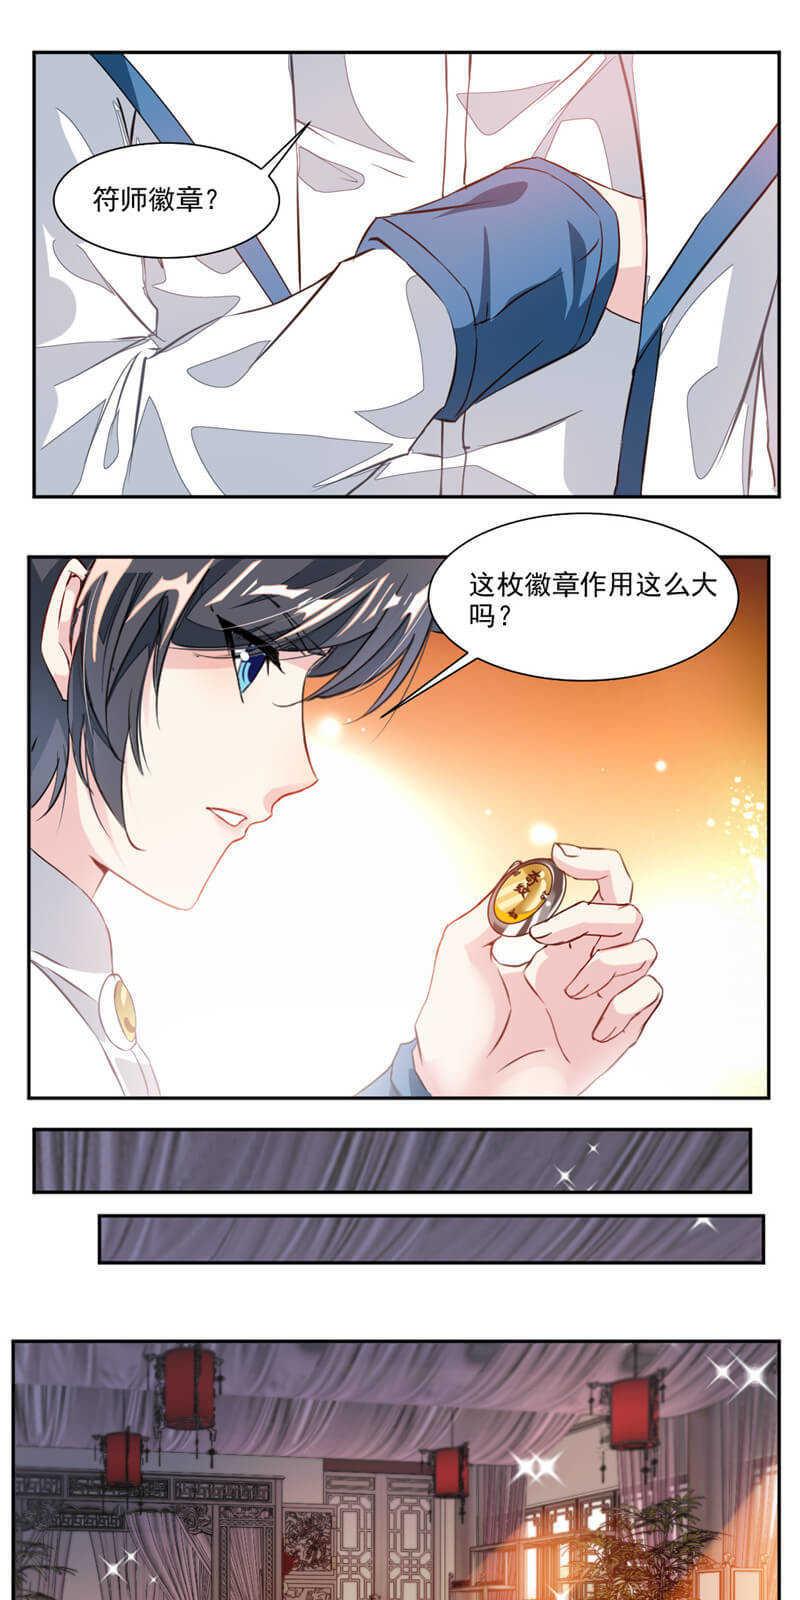 九阳神王第38话  潜龙武道会即将开始? 第 8